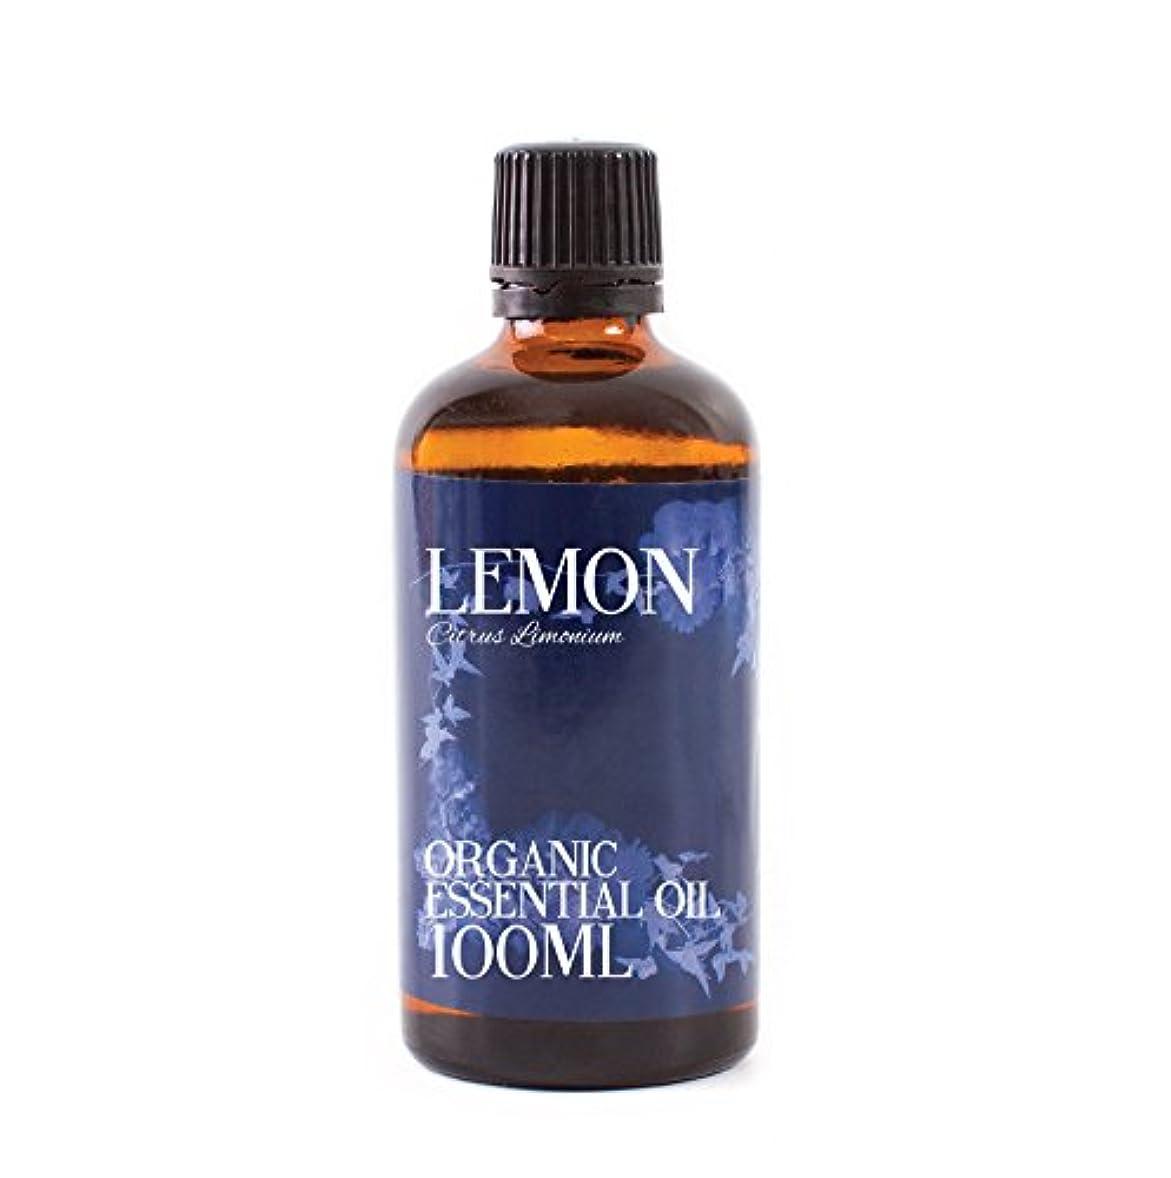 介入するジェーンオースティンデンマーク語Mystic Moments   Lemon Organic Essential Oil - 100ml - 100% Pure